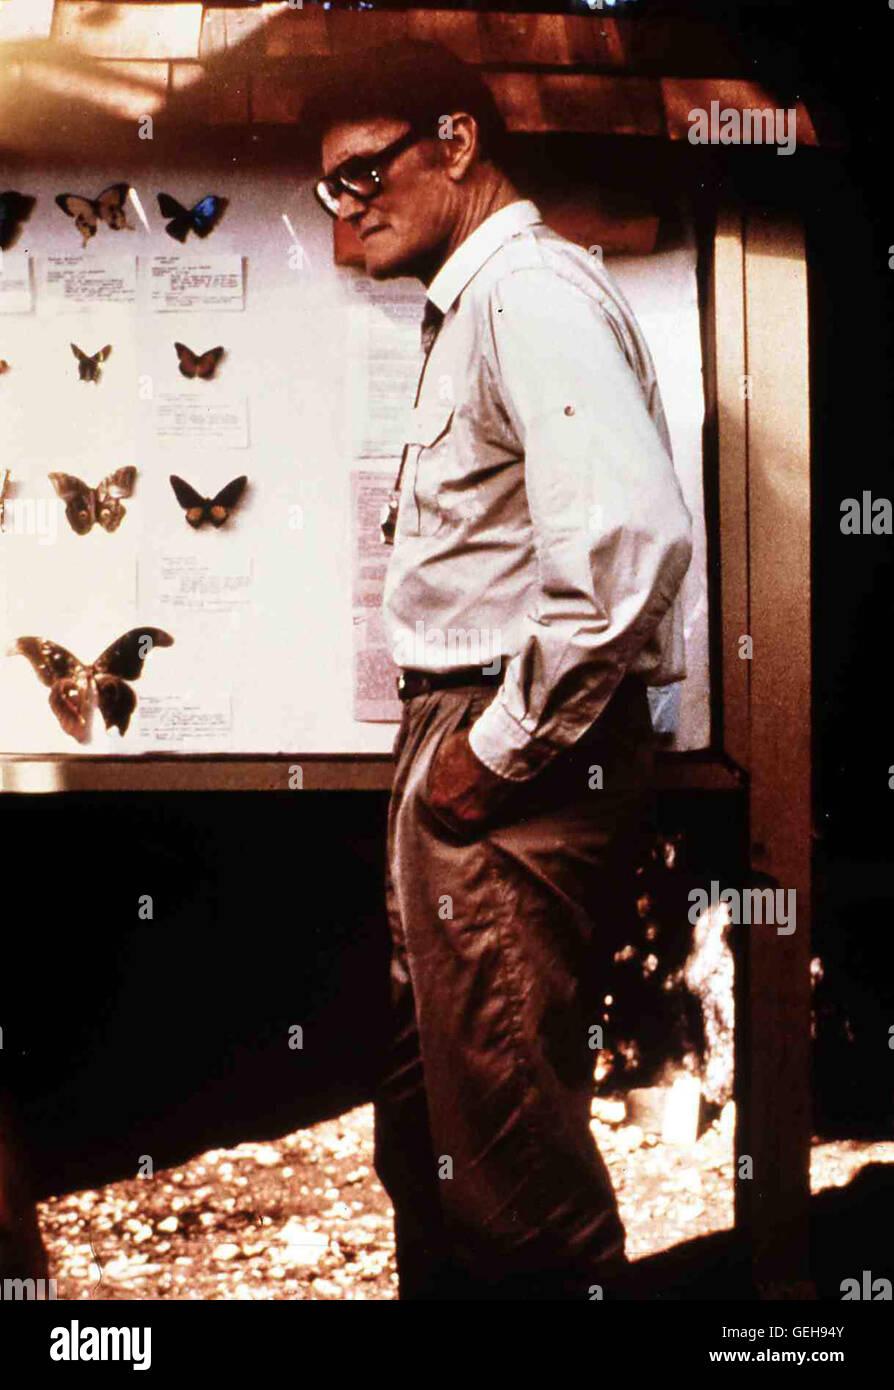 Chuck Conners  Der alte Warren (Chuck Conners) fängt gern Schmetterlinge und führt mit Strenge ein Jugend - Stock Image